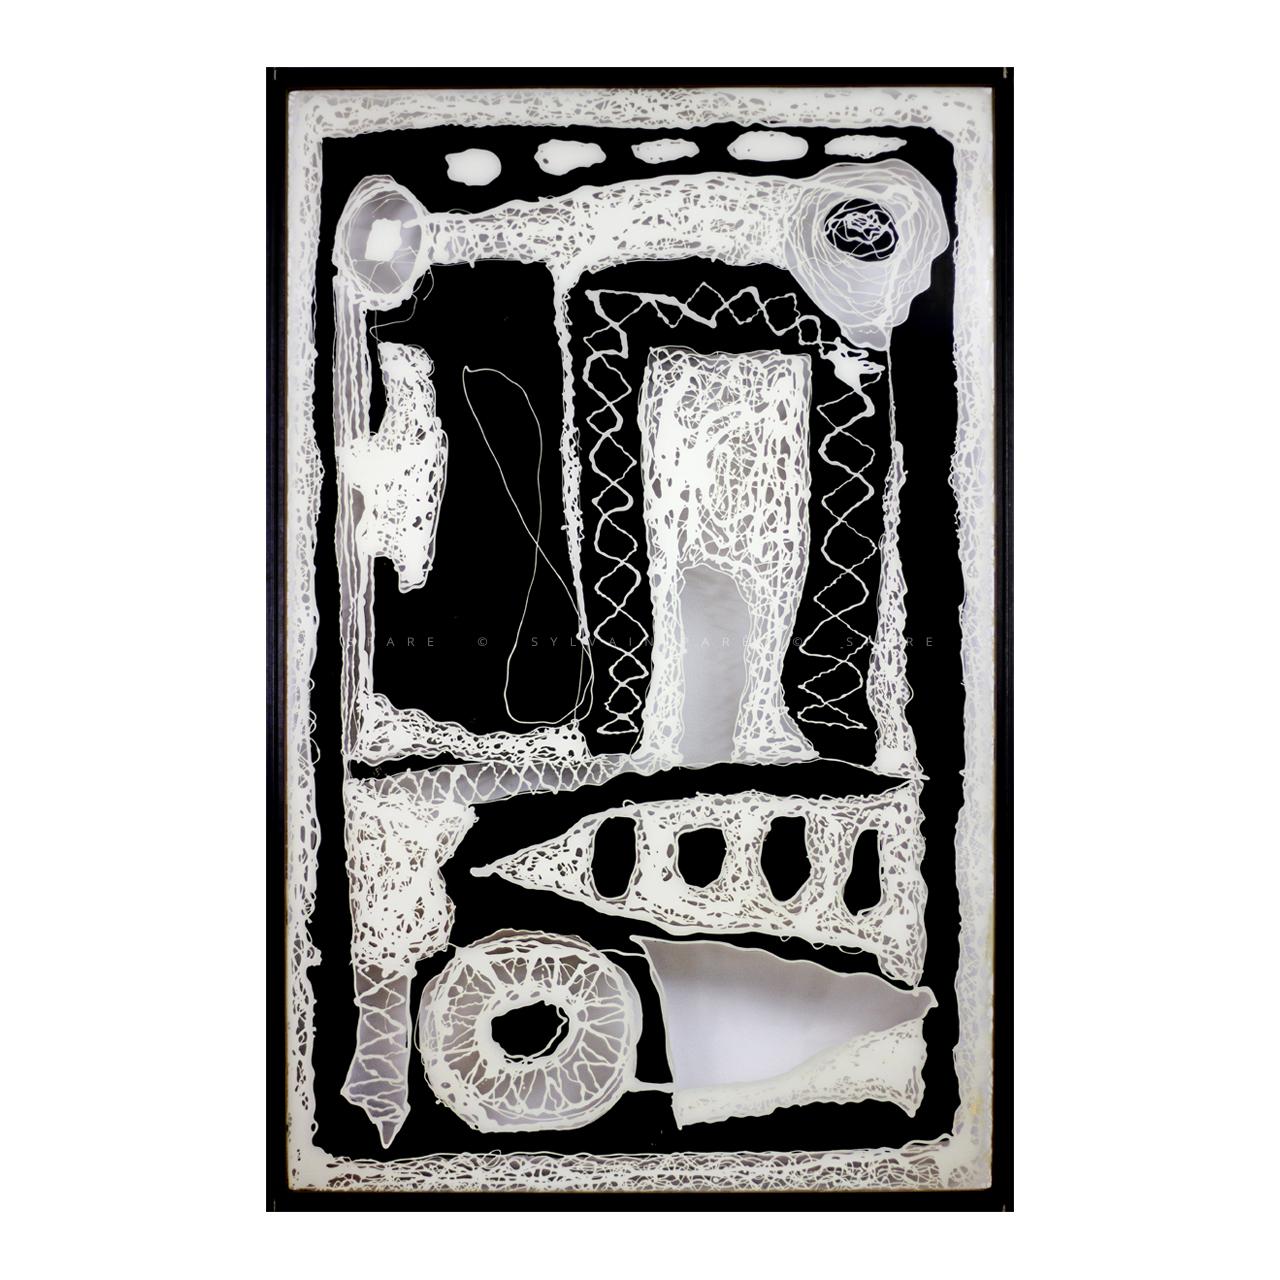 sylvain-pare-spare-artwork-1280x1280_IMG_0004_1.jpg